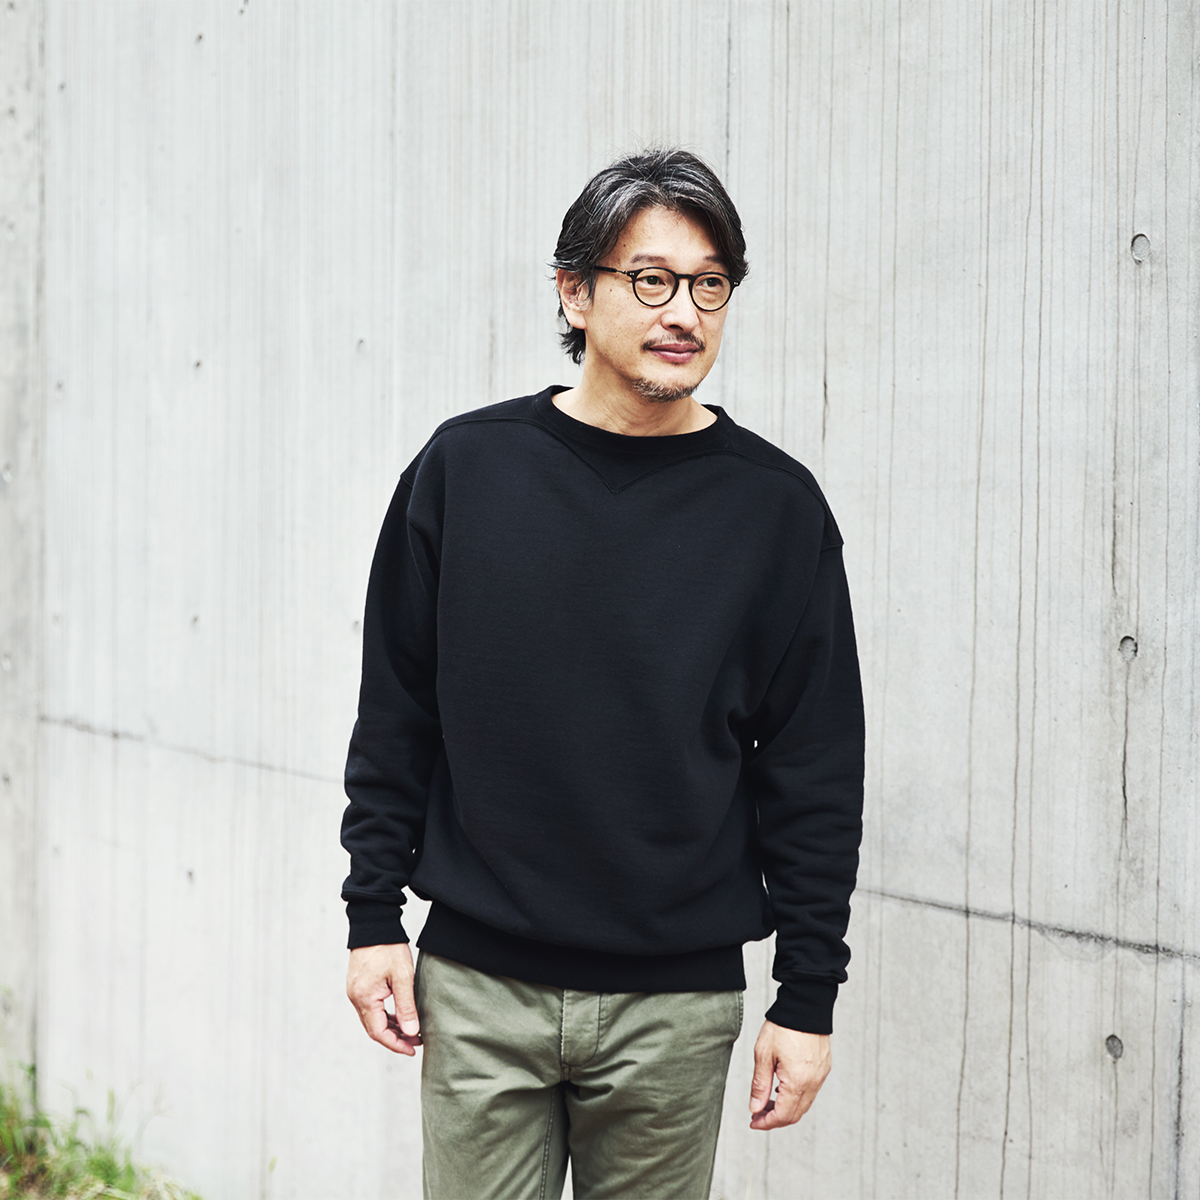 経年変化したヴィンテージアーカイブから読み解くスウェットの名作。スポルディング社の名作から、現存していない「ブラック」をMade in Japanで「フットボールシャツ」|A.G. Spalding & Bros